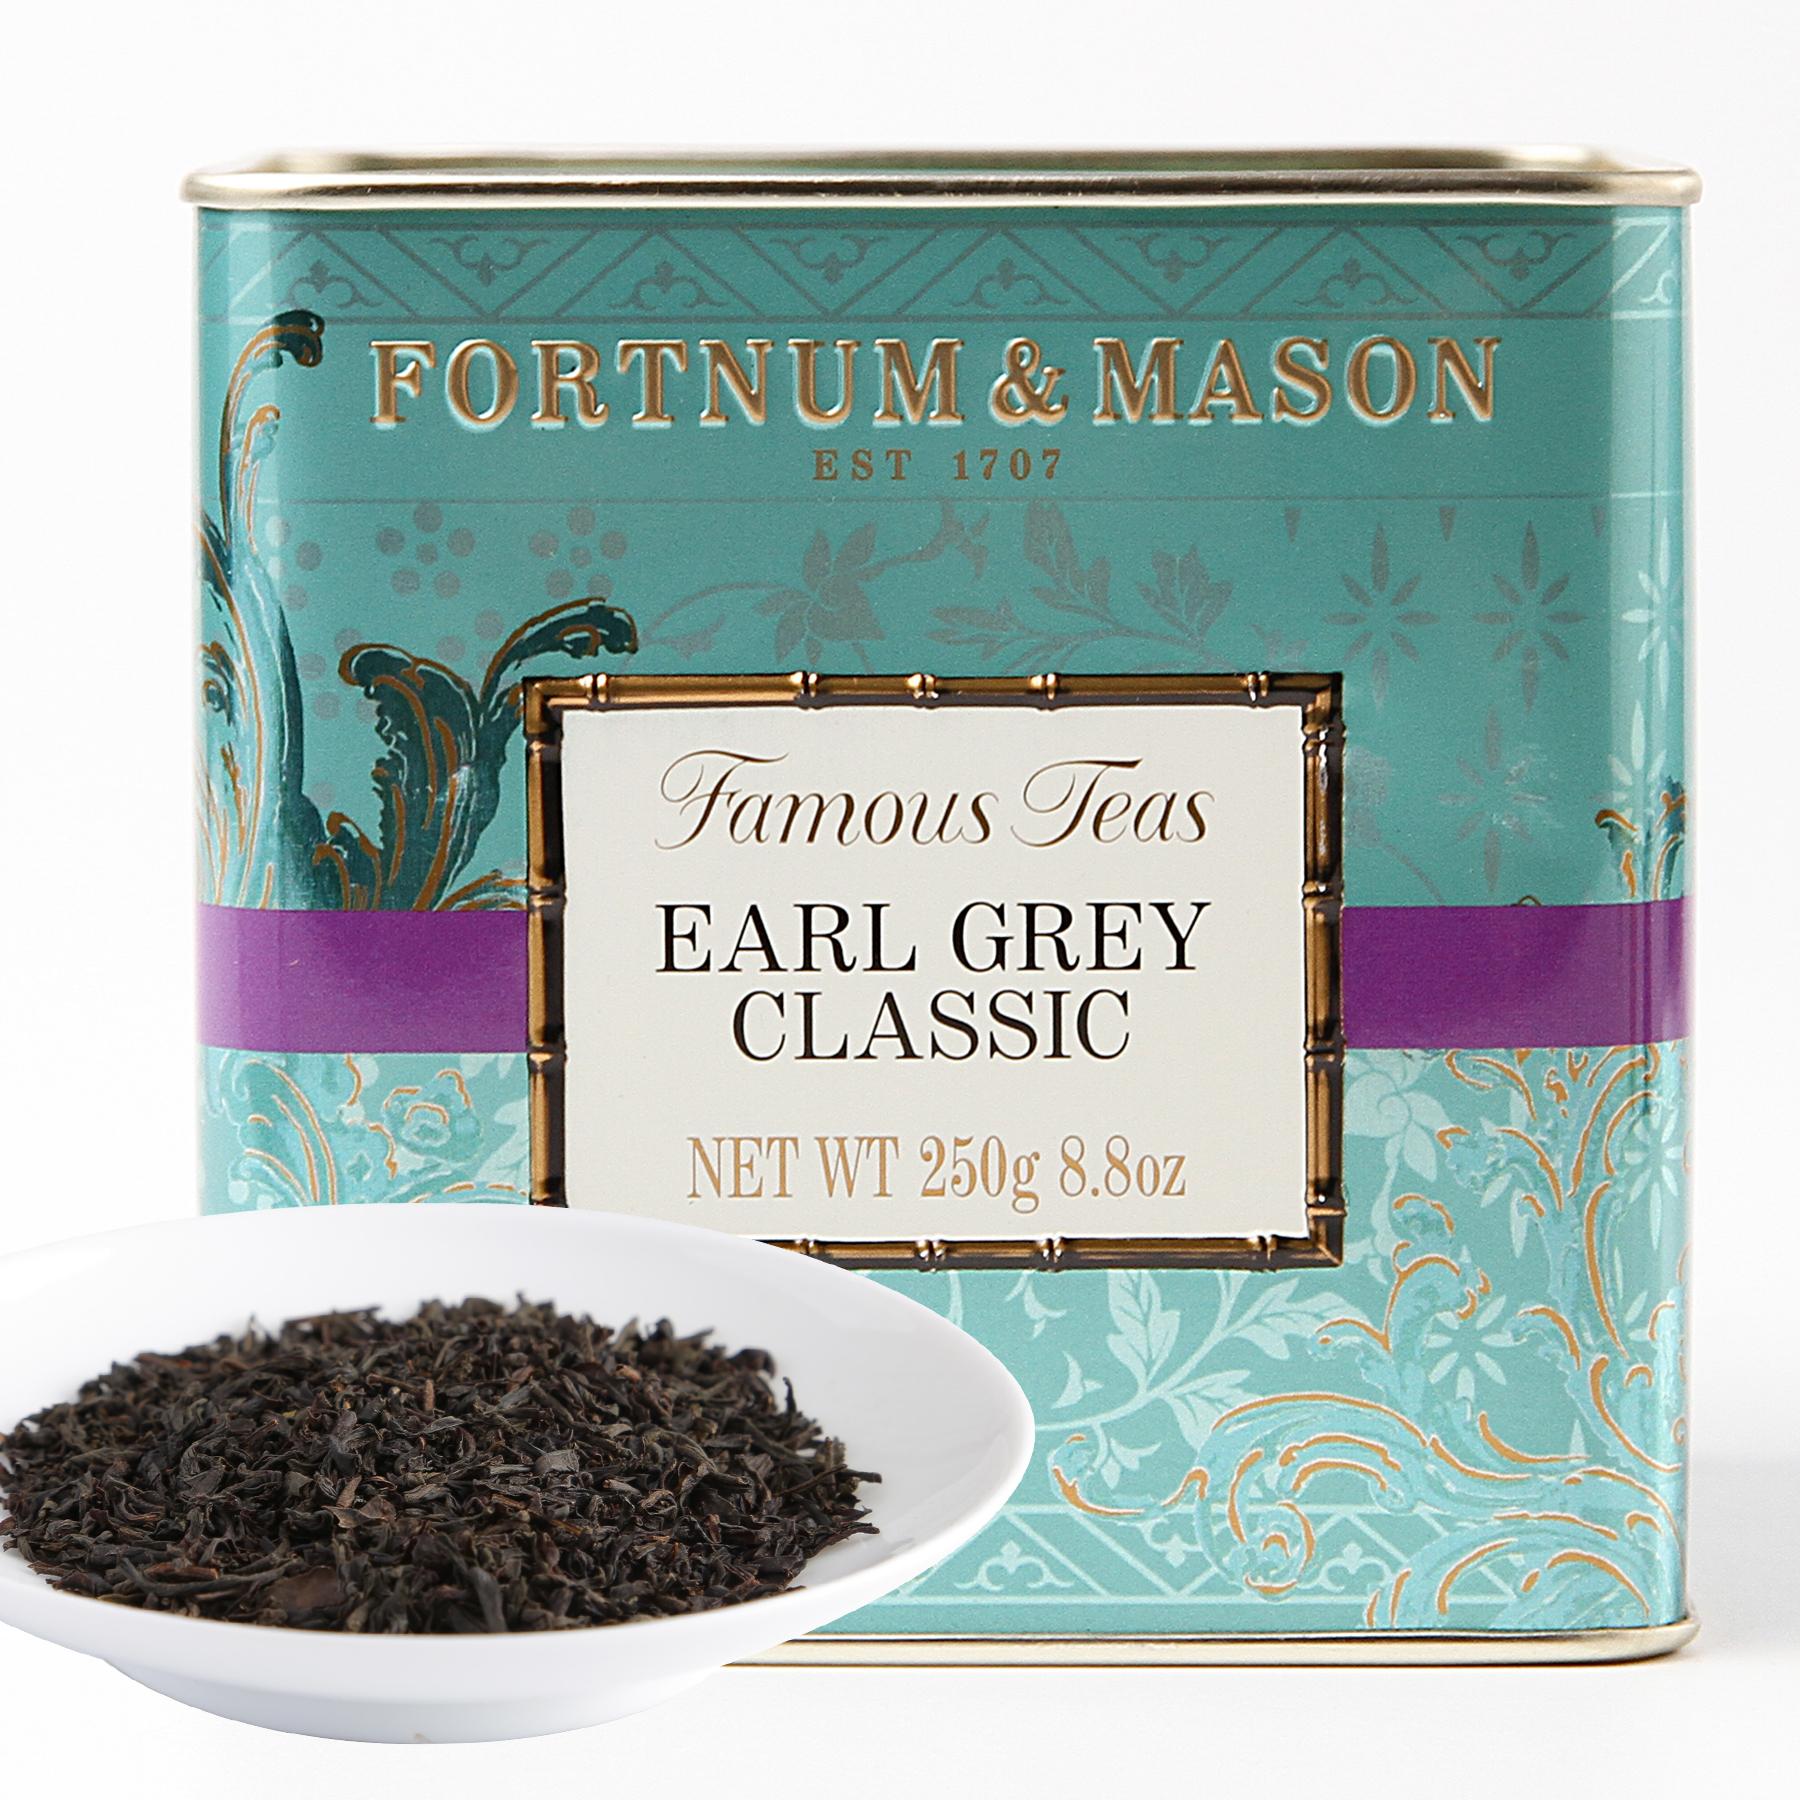 伯爵茶(2017)红茶价格384元/斤